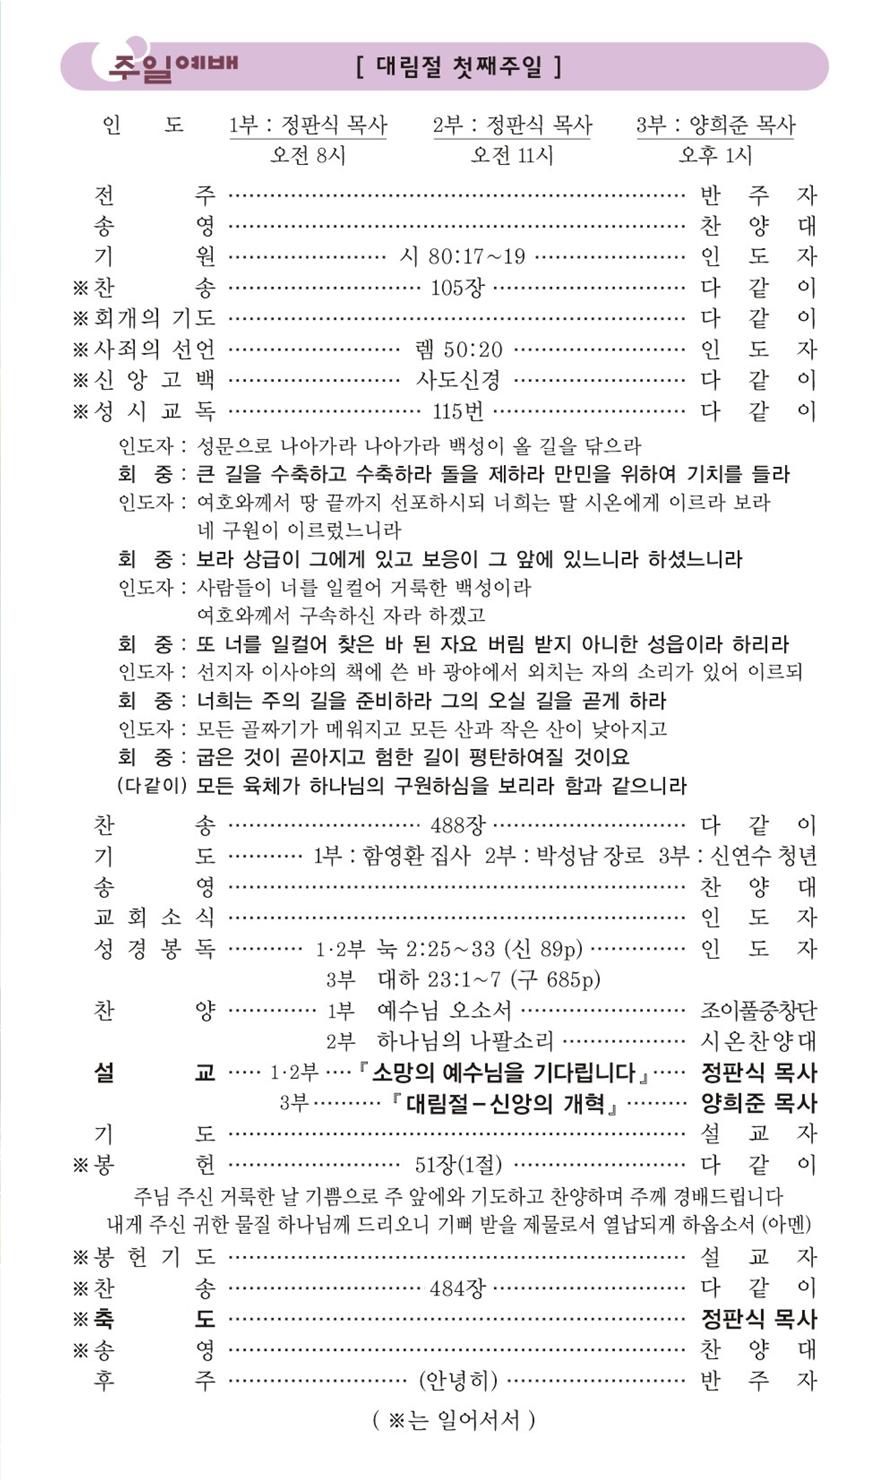 20201129찬양예배.png